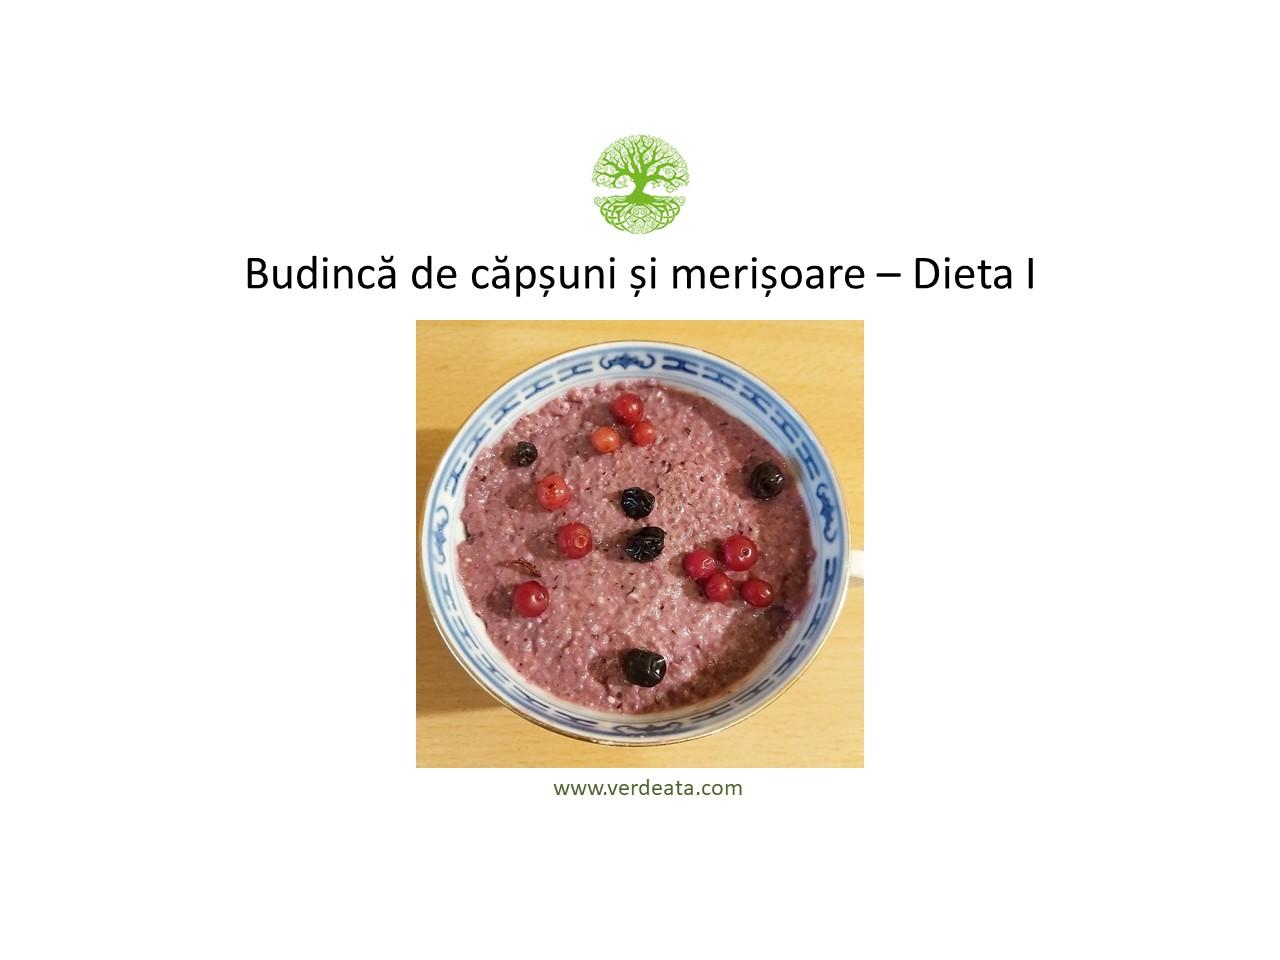 Budincă de căpșuni și merișoare - Dieta I